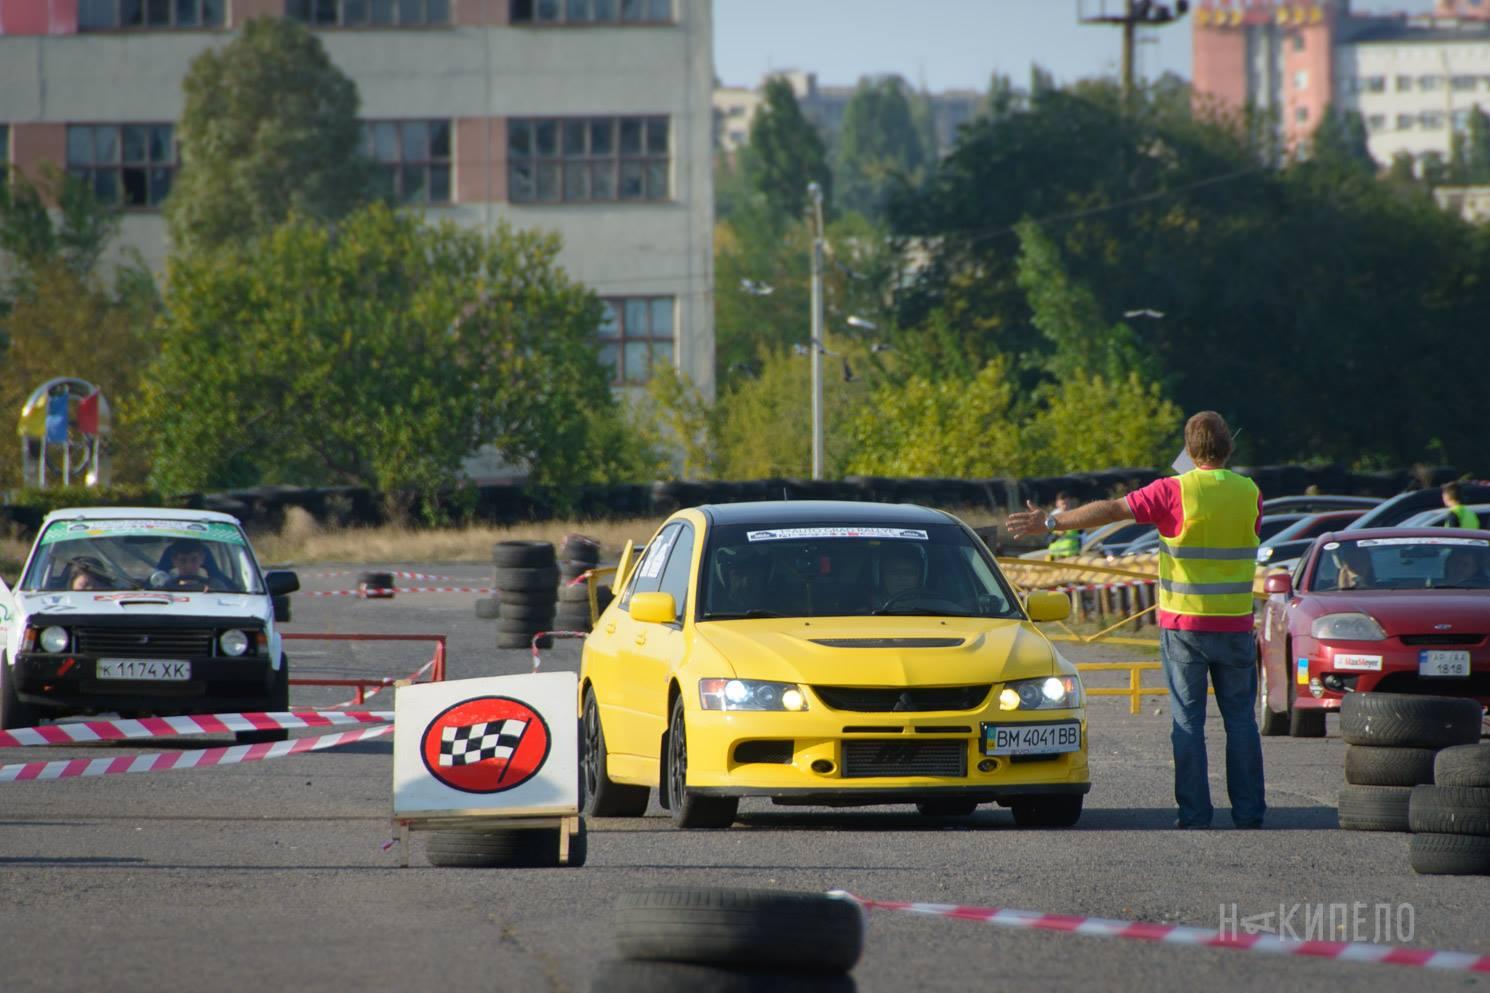 Водитель: Гриценко Юлия<br/>Штурман: Щербаков Роман<br/>Машина: Mitsubishi Lancer EVO IX (2006г., 1998 см³)<br/>Класс: N4<br/>Стартовый №: 432